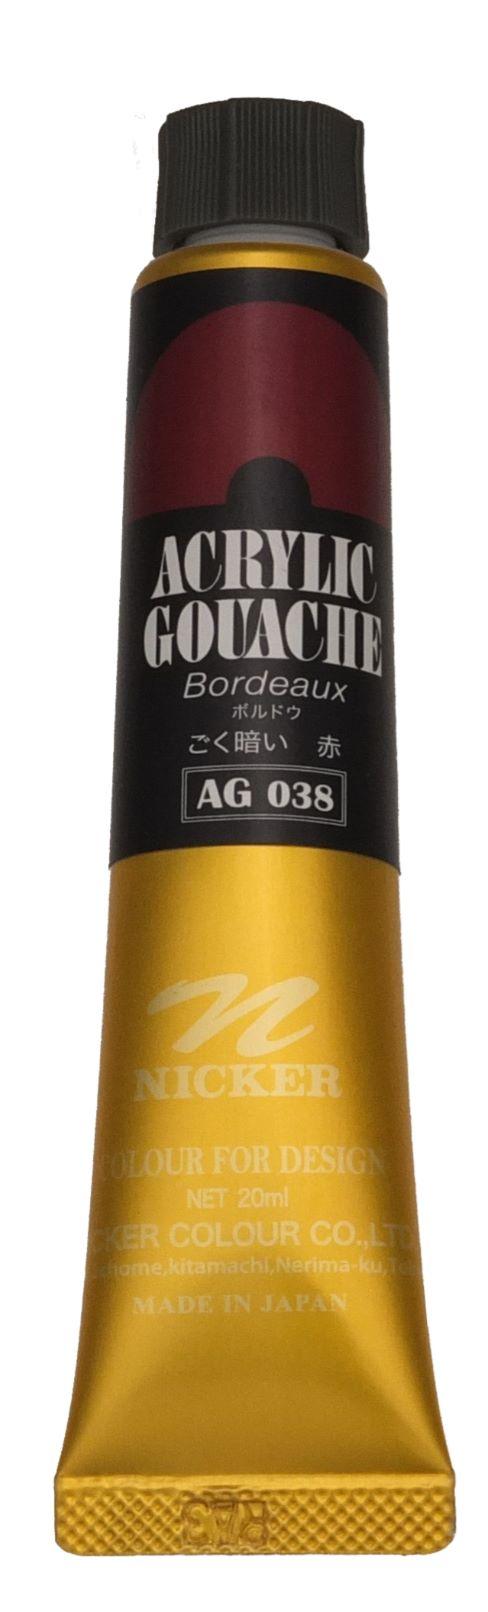 <Discontinued> ACRYLIC GOUACHE 20ml AG038 BORDEAUX